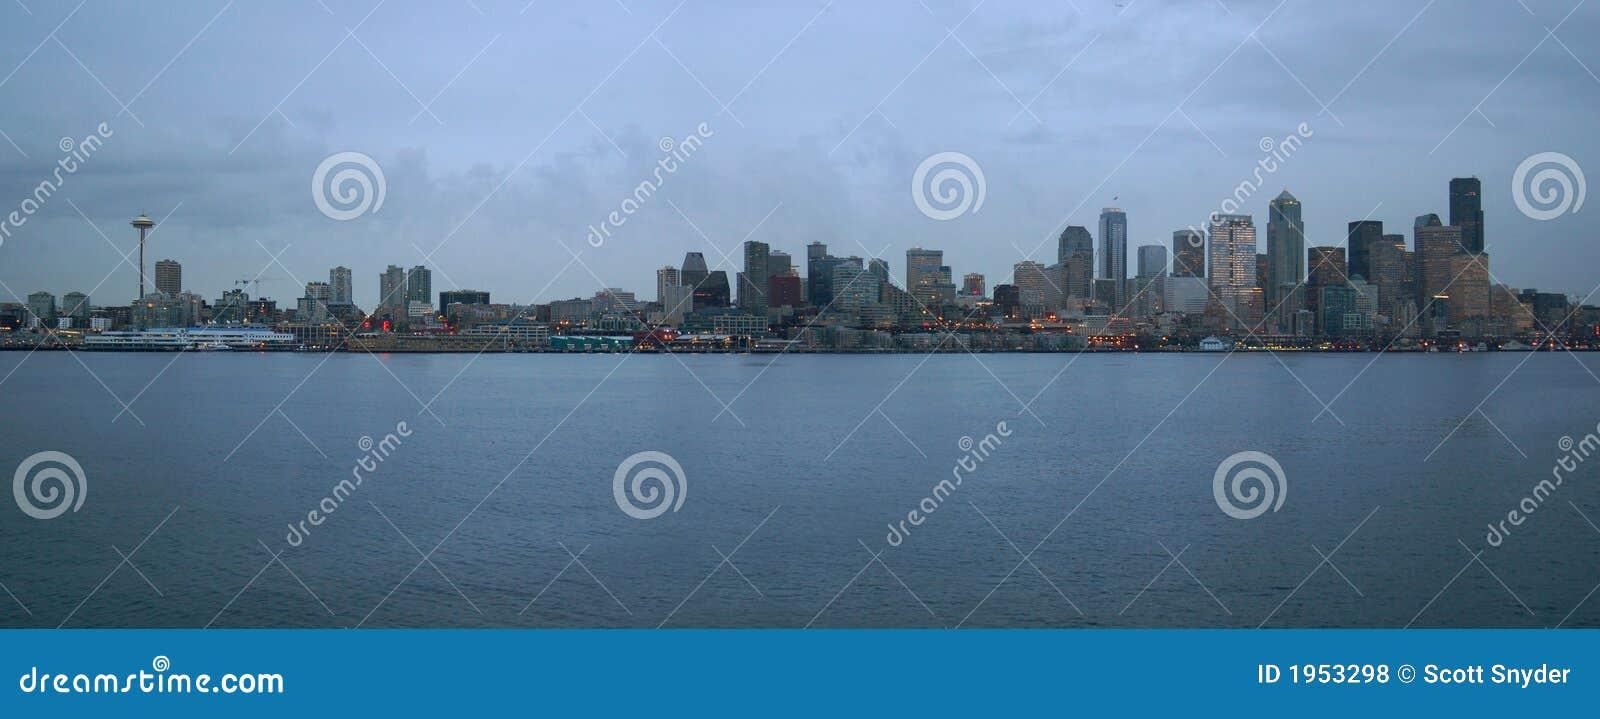 Seattle Coastline